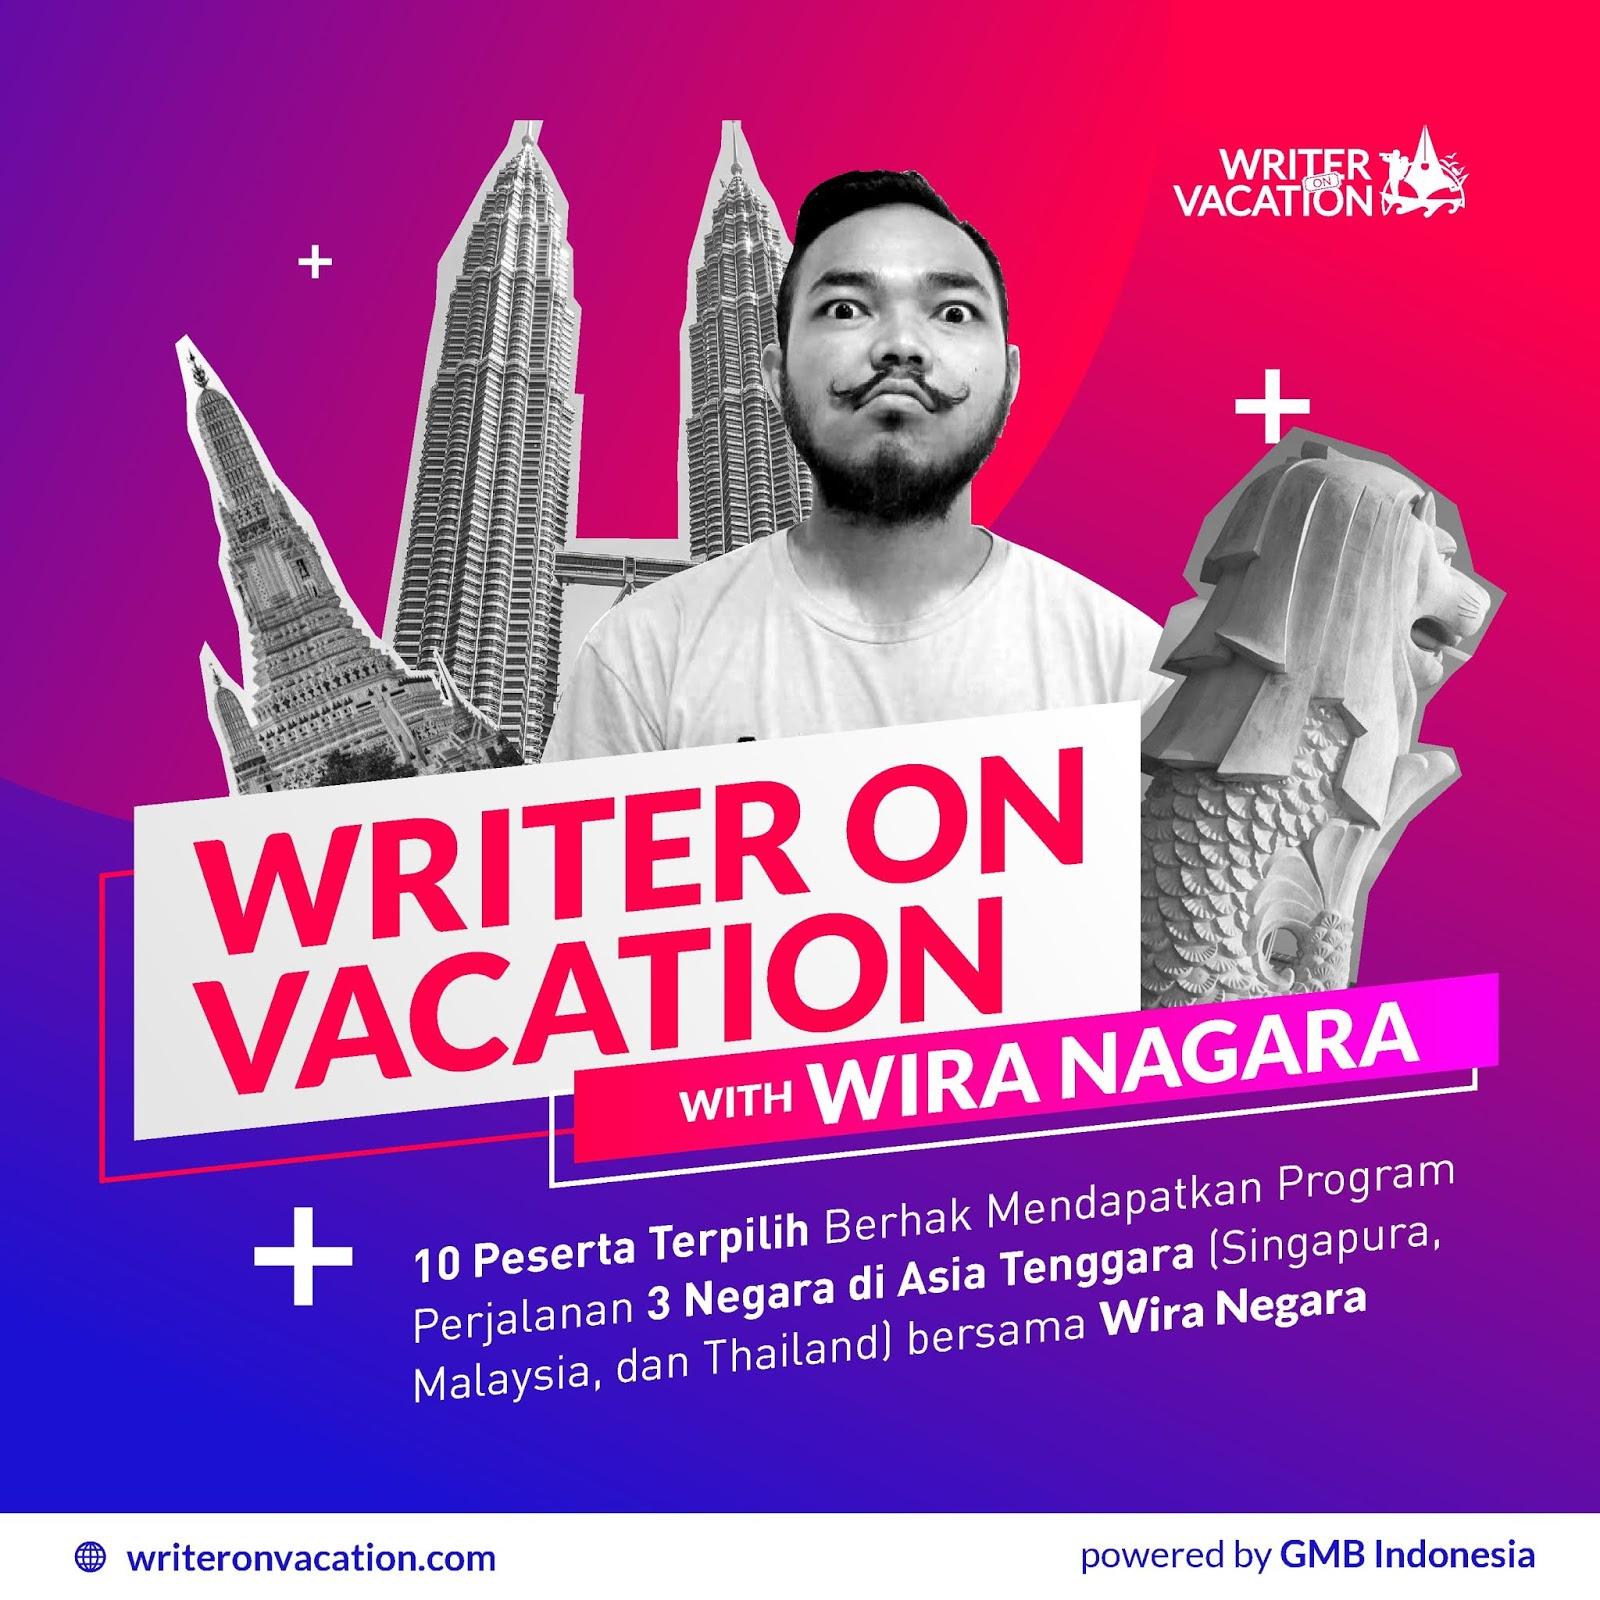 Lomba Menulis Puisi & Artikel Writer On Vacavation 2019 Untuk Umum